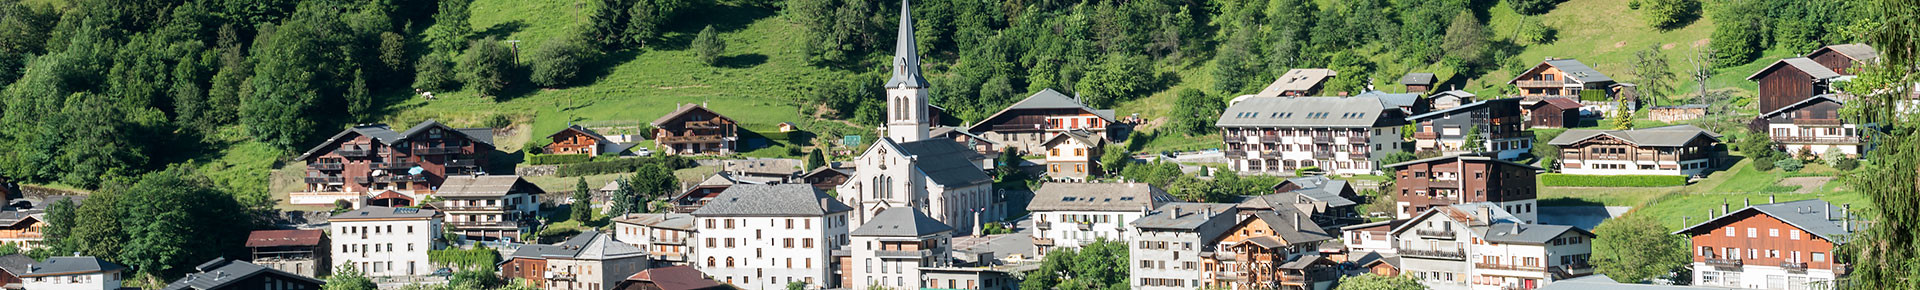 Village de Saint Jean d'Aulps en été